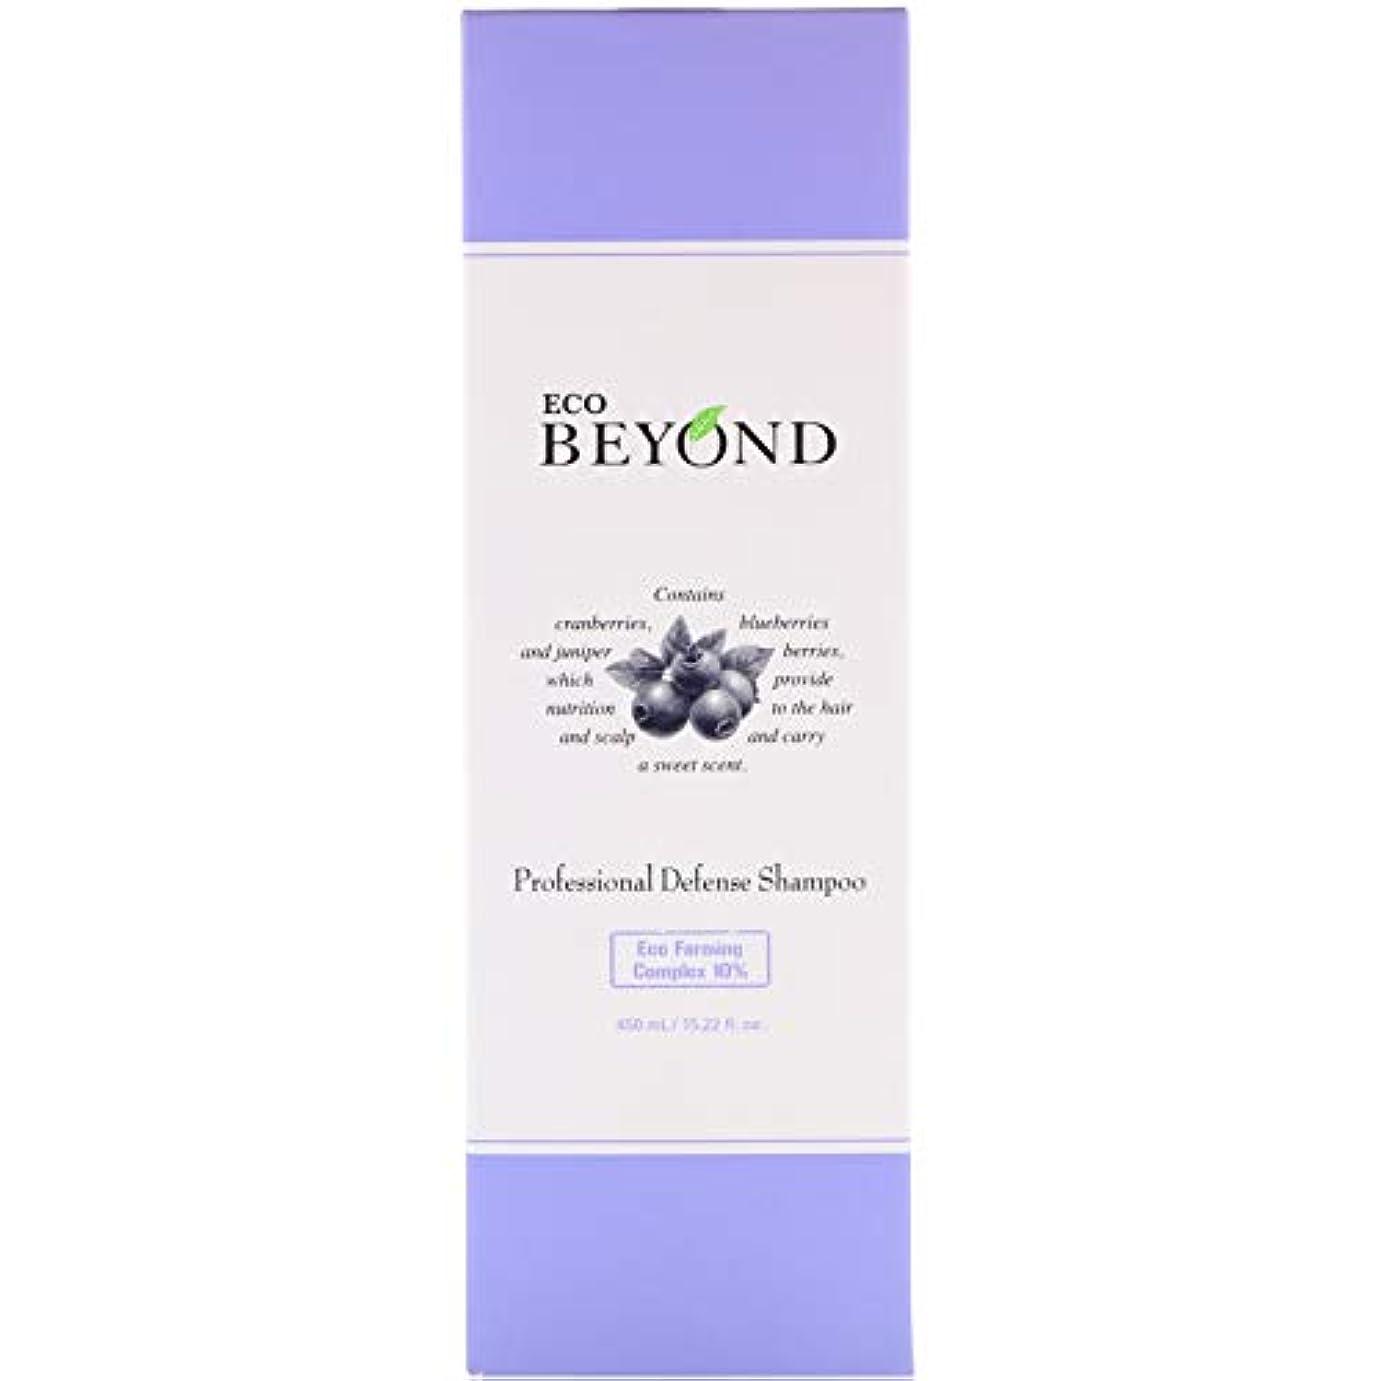 ドアスクリュー母音[ビヨンド] BEYOND [プロフェッショナル ディフェンス シャンプー 450ml] Professional Defense Shampoo 450ml [海外直送品]